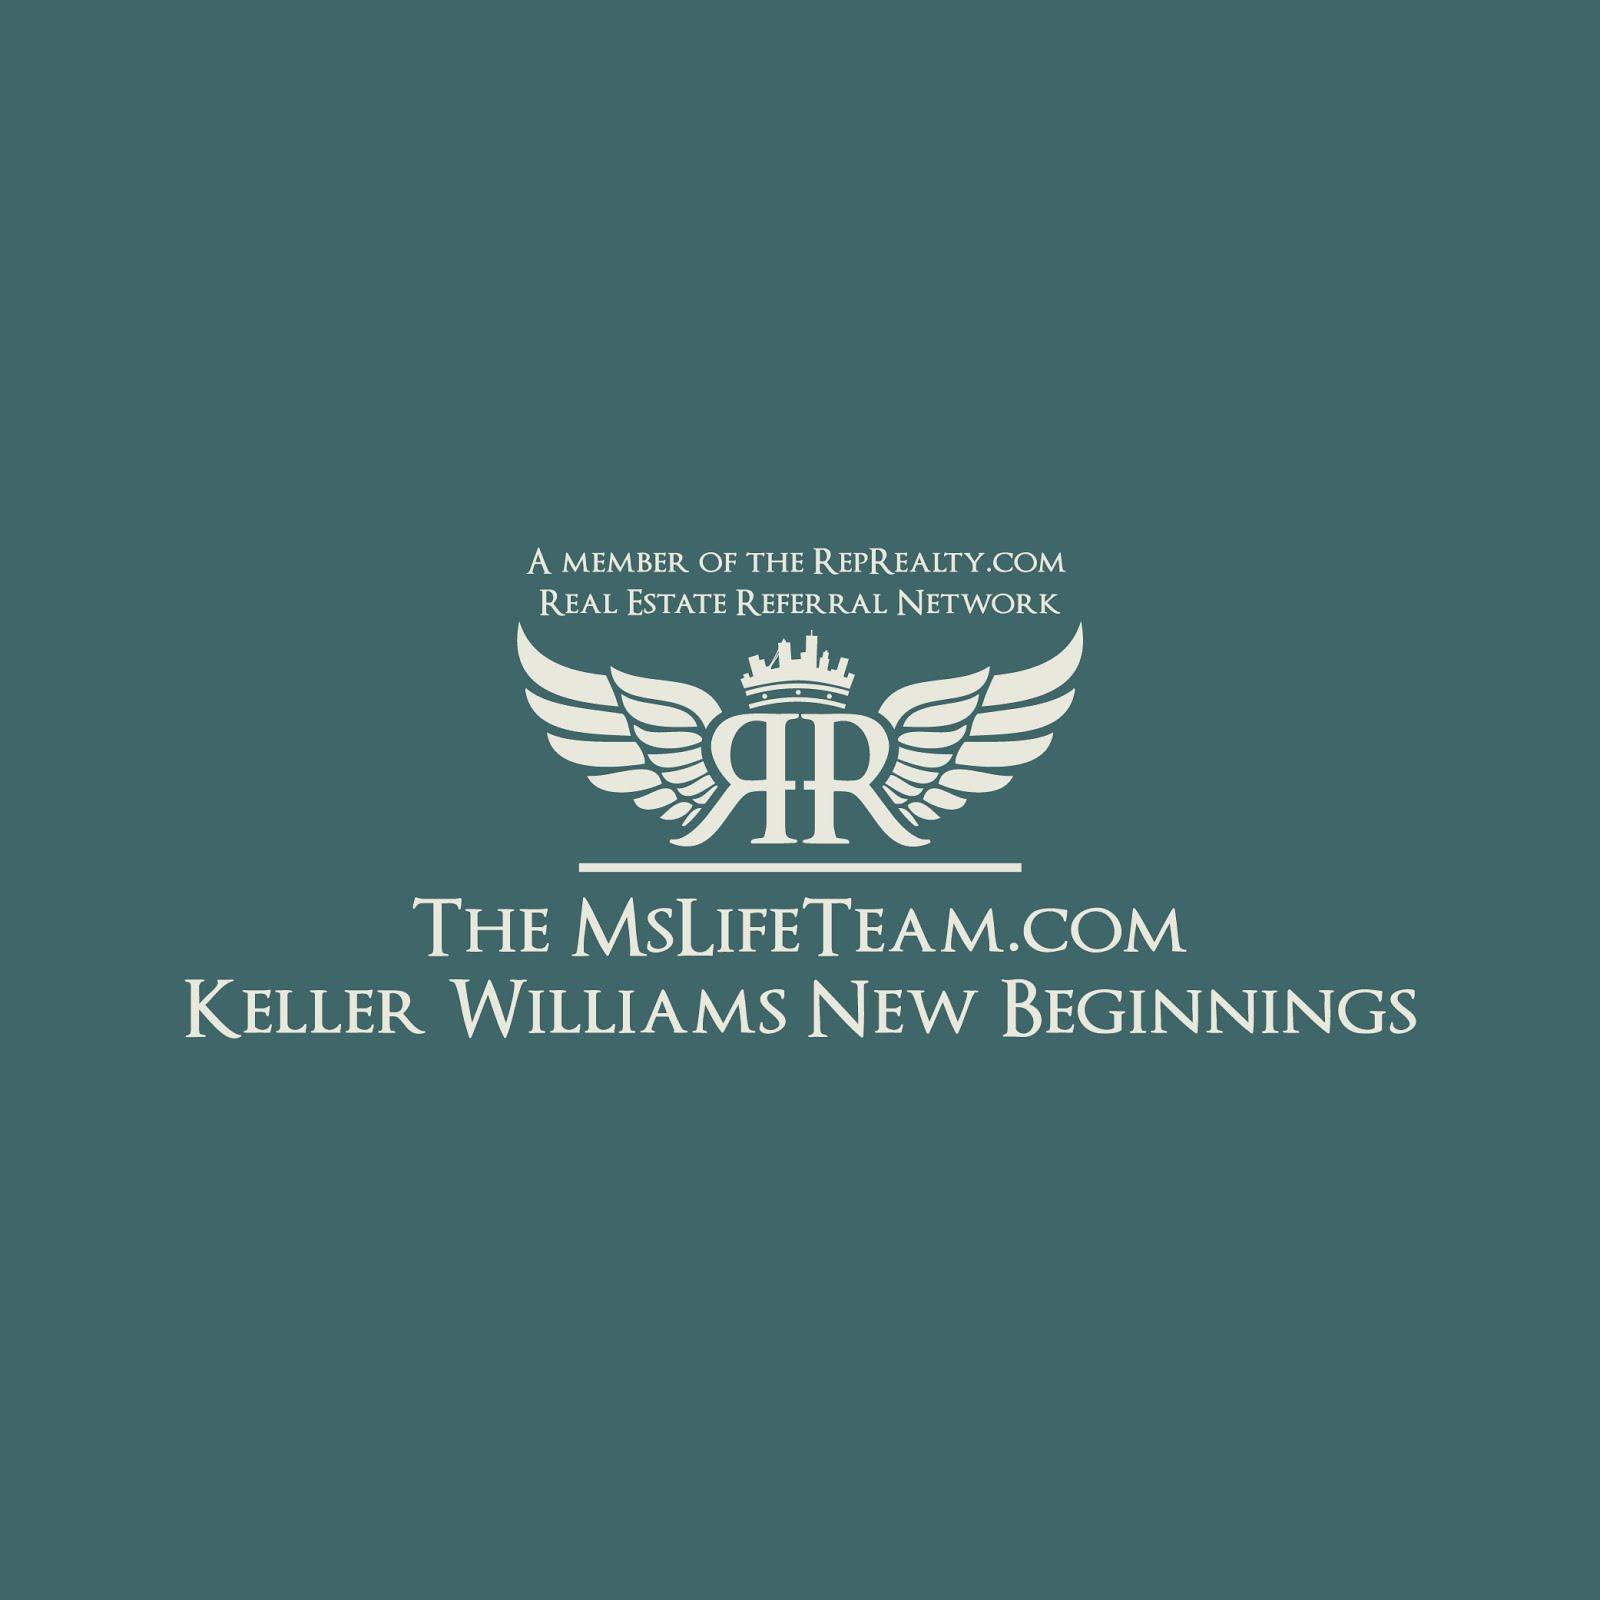 Marcia Landers - Keller Williams New Beginnings